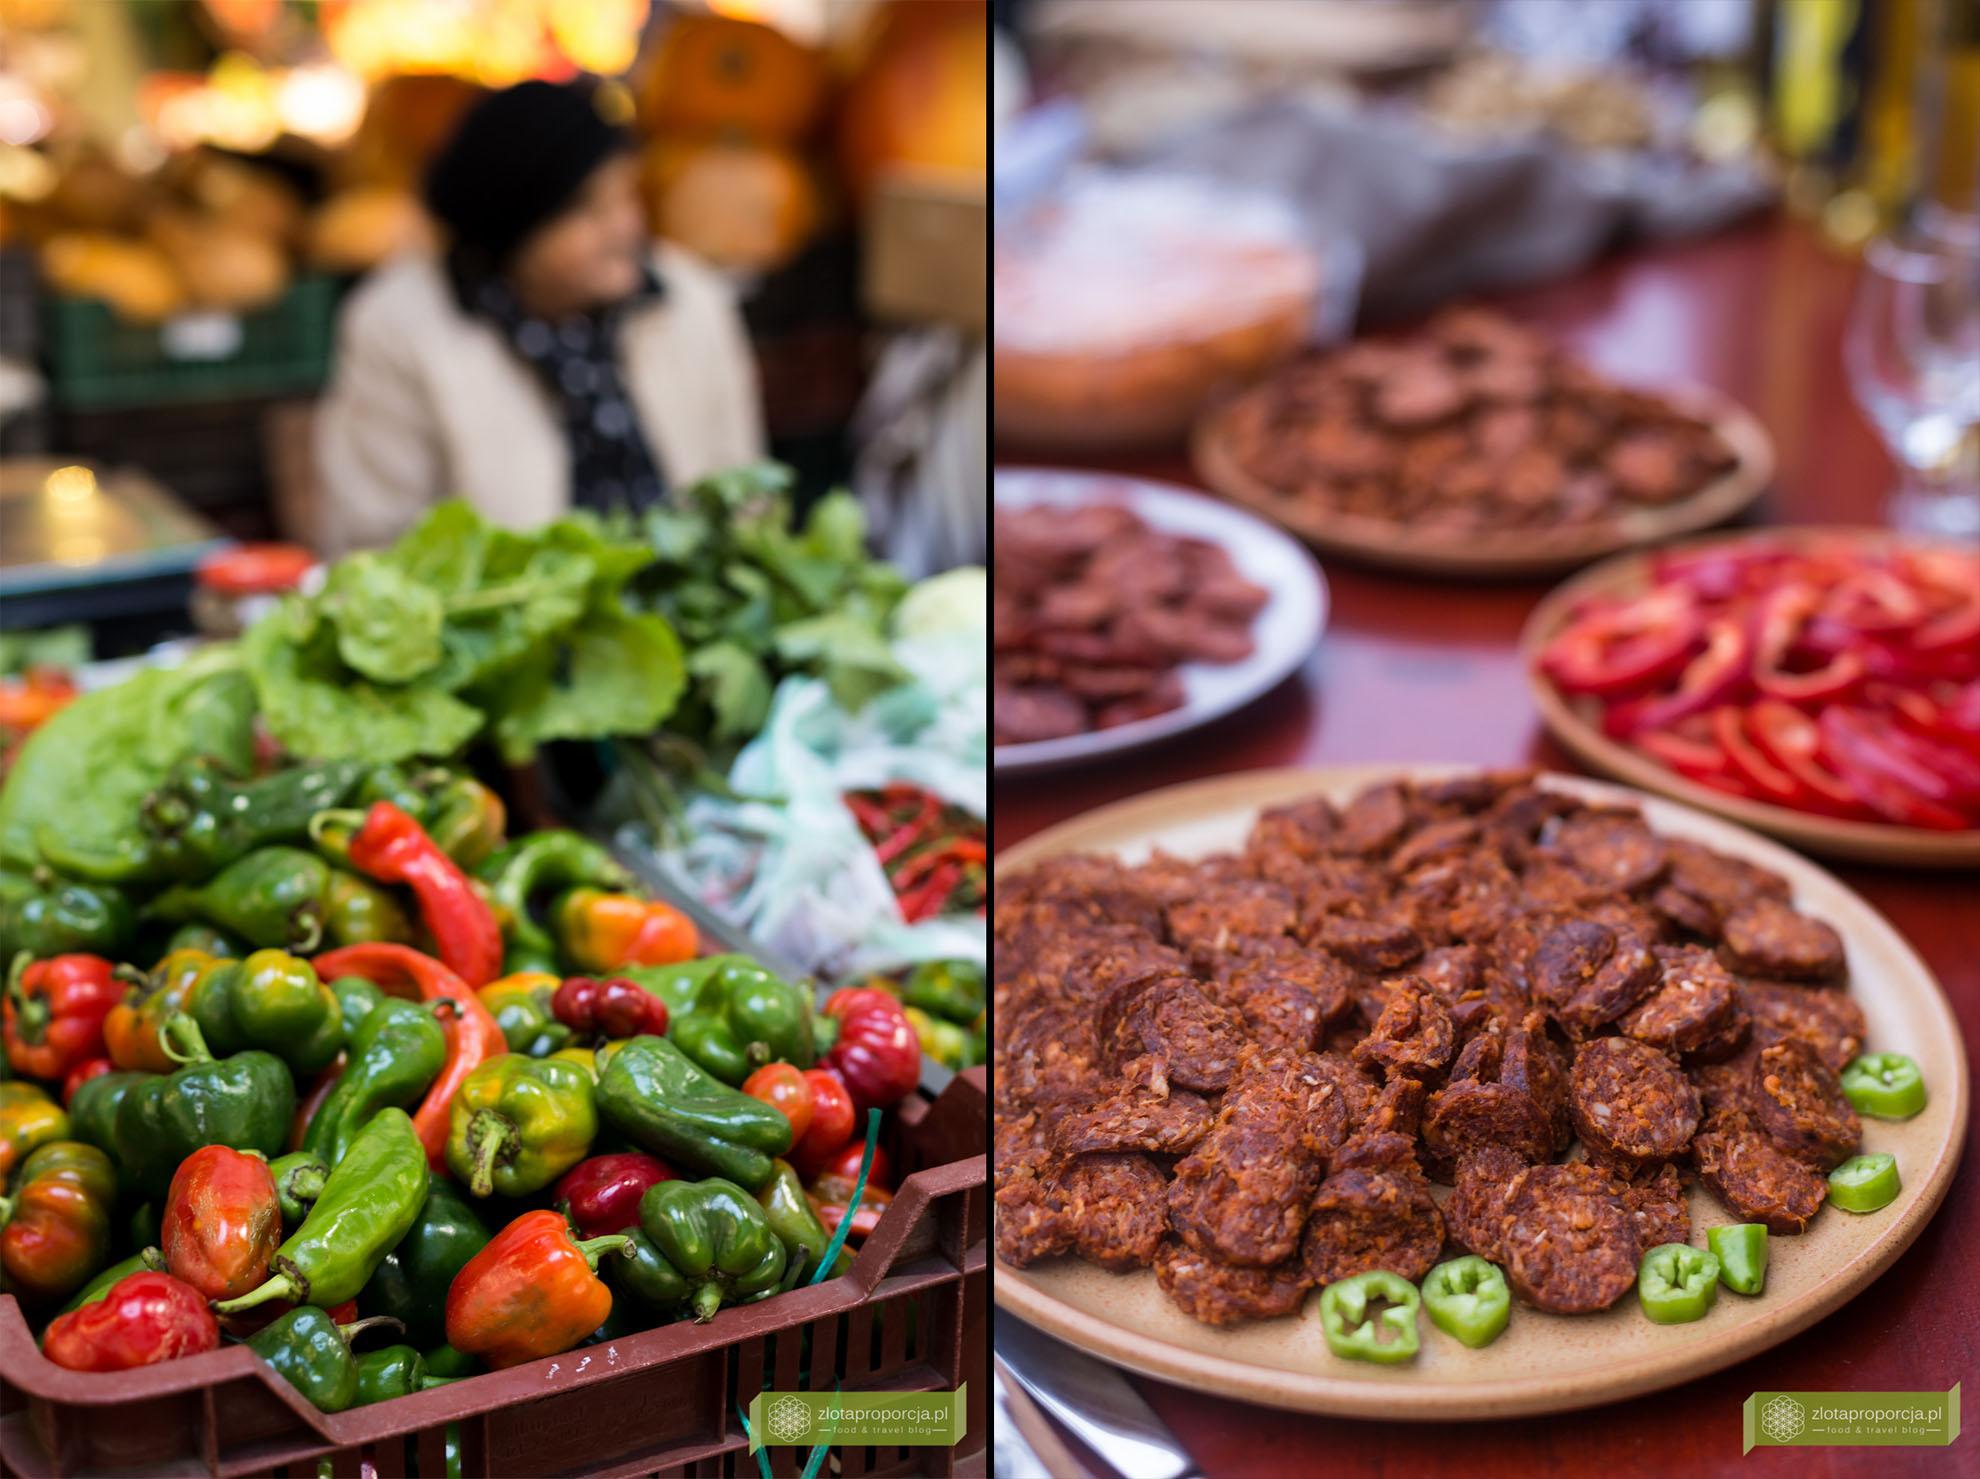 Kuchnia Węgierska I Węgierskie Osobliwości Węgry